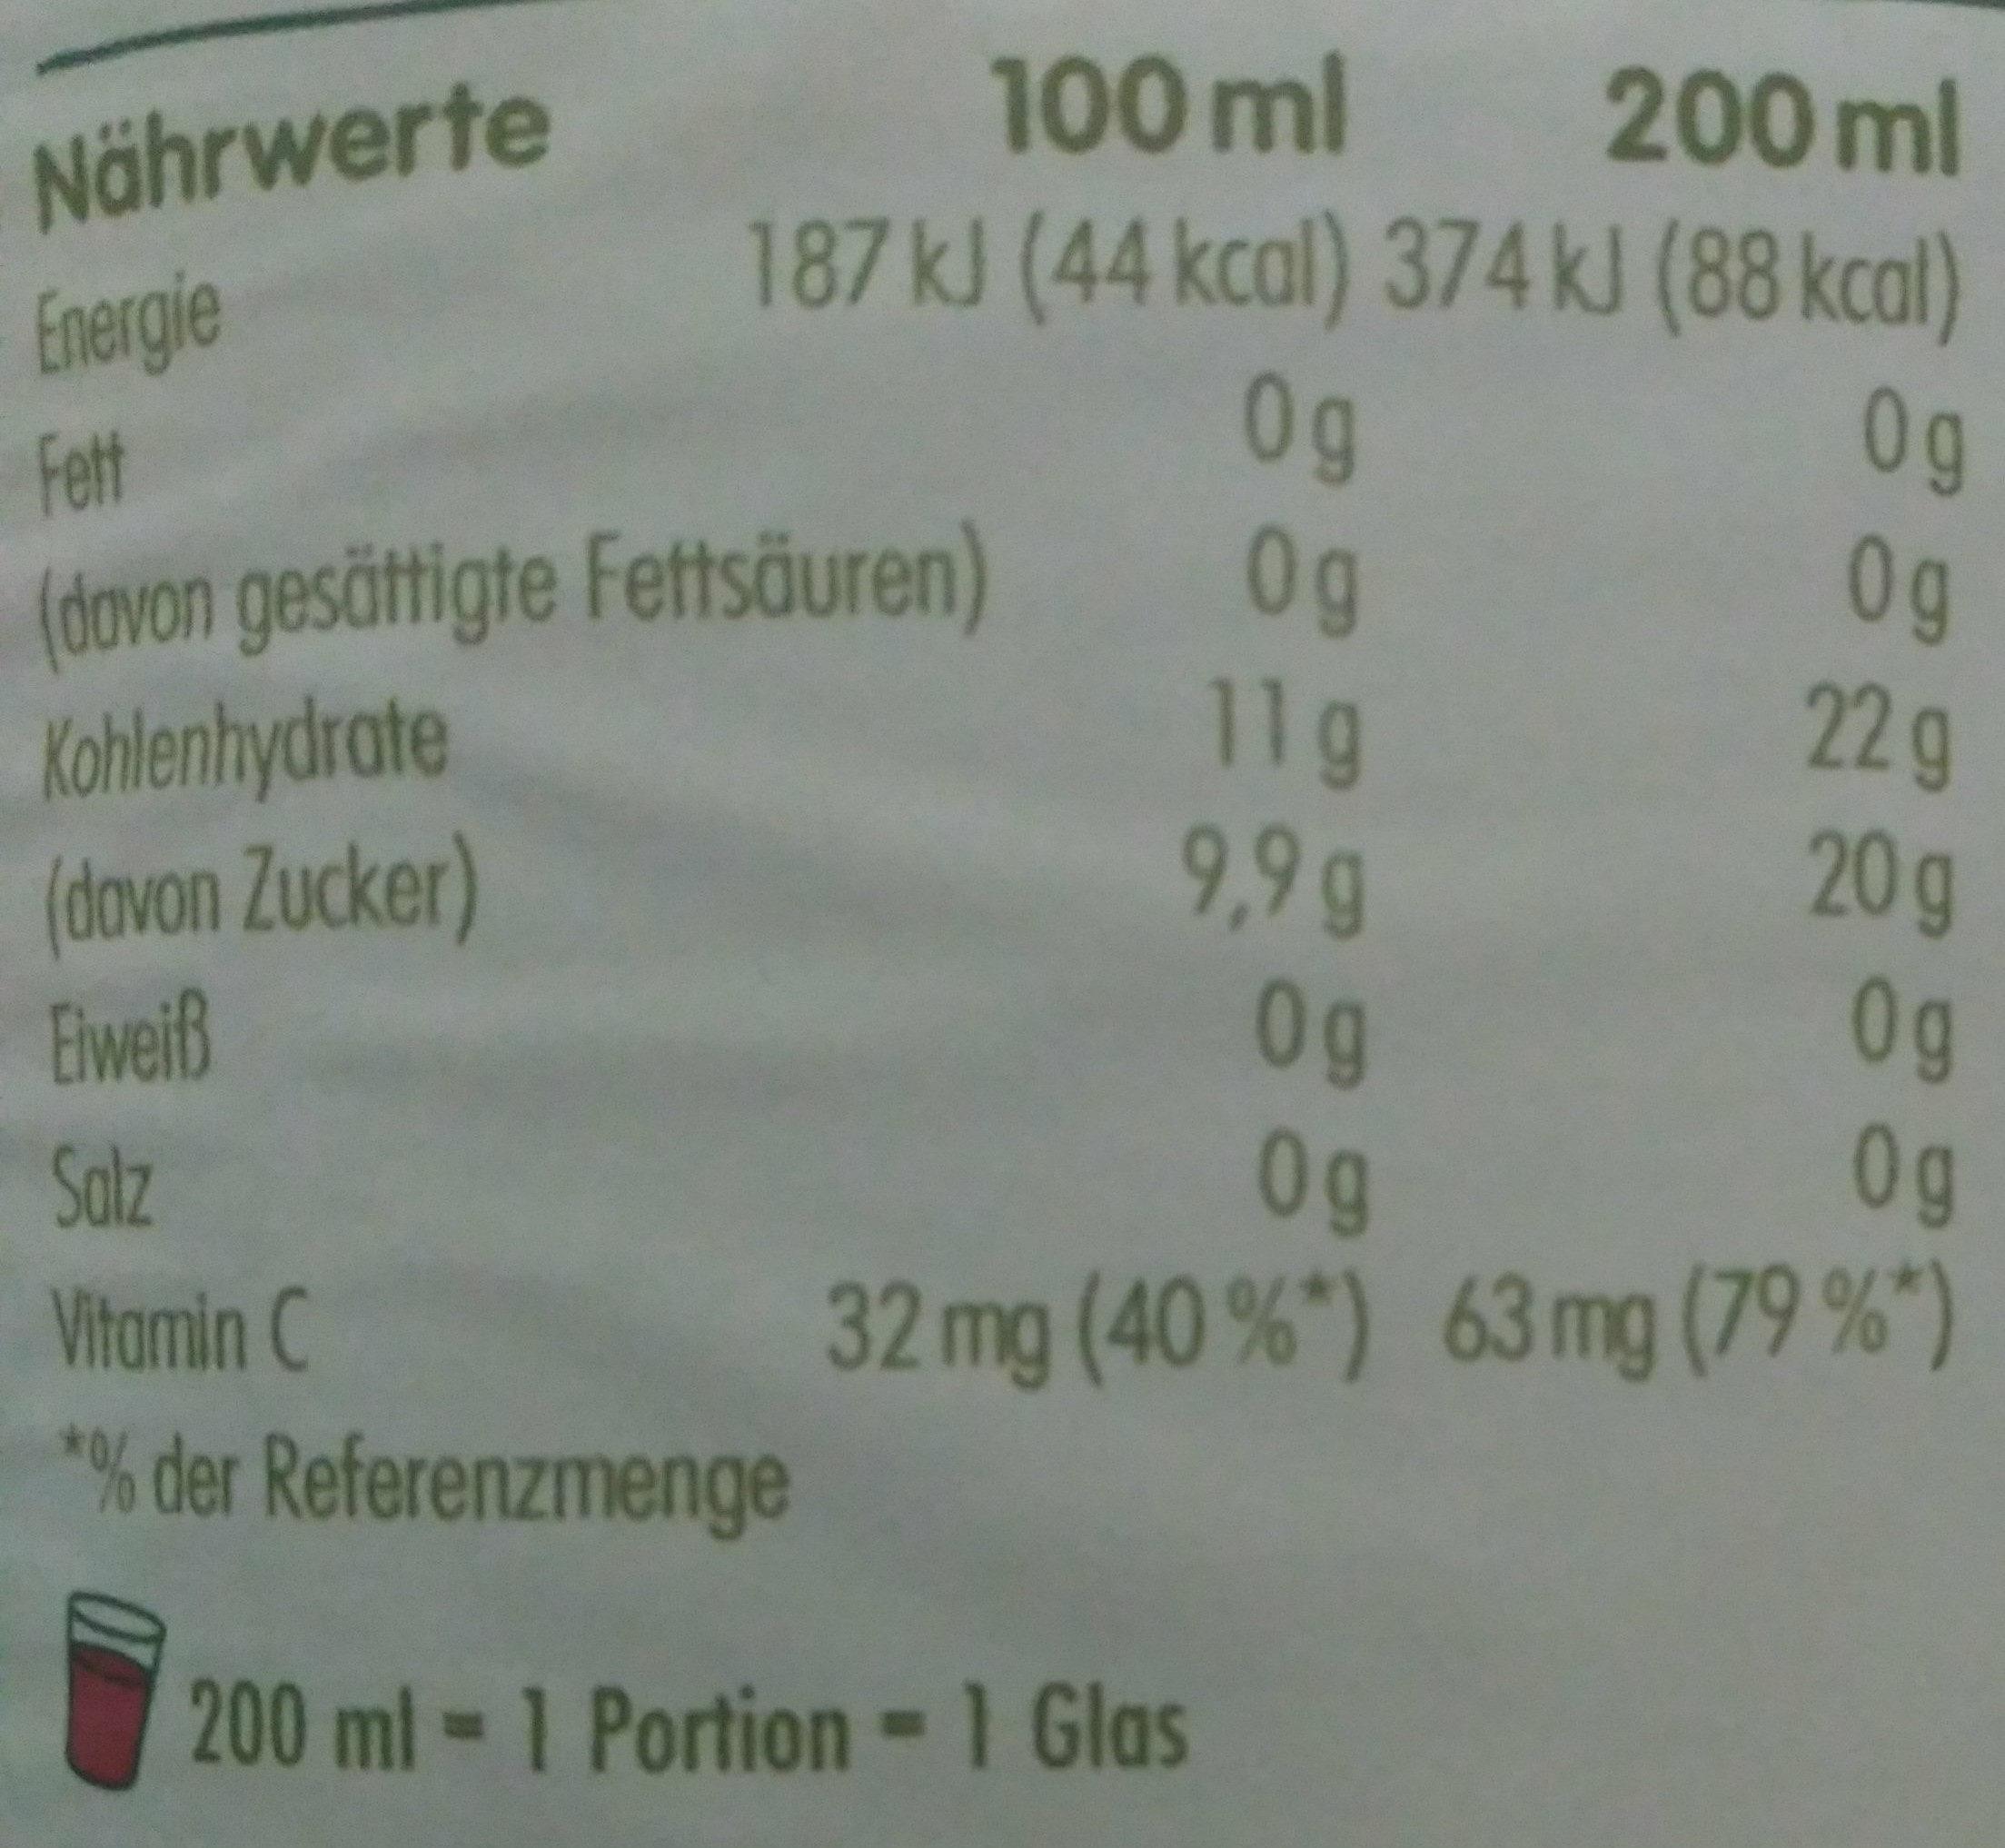 Innocent Multi Mix Rouge - Voedingswaarden - de